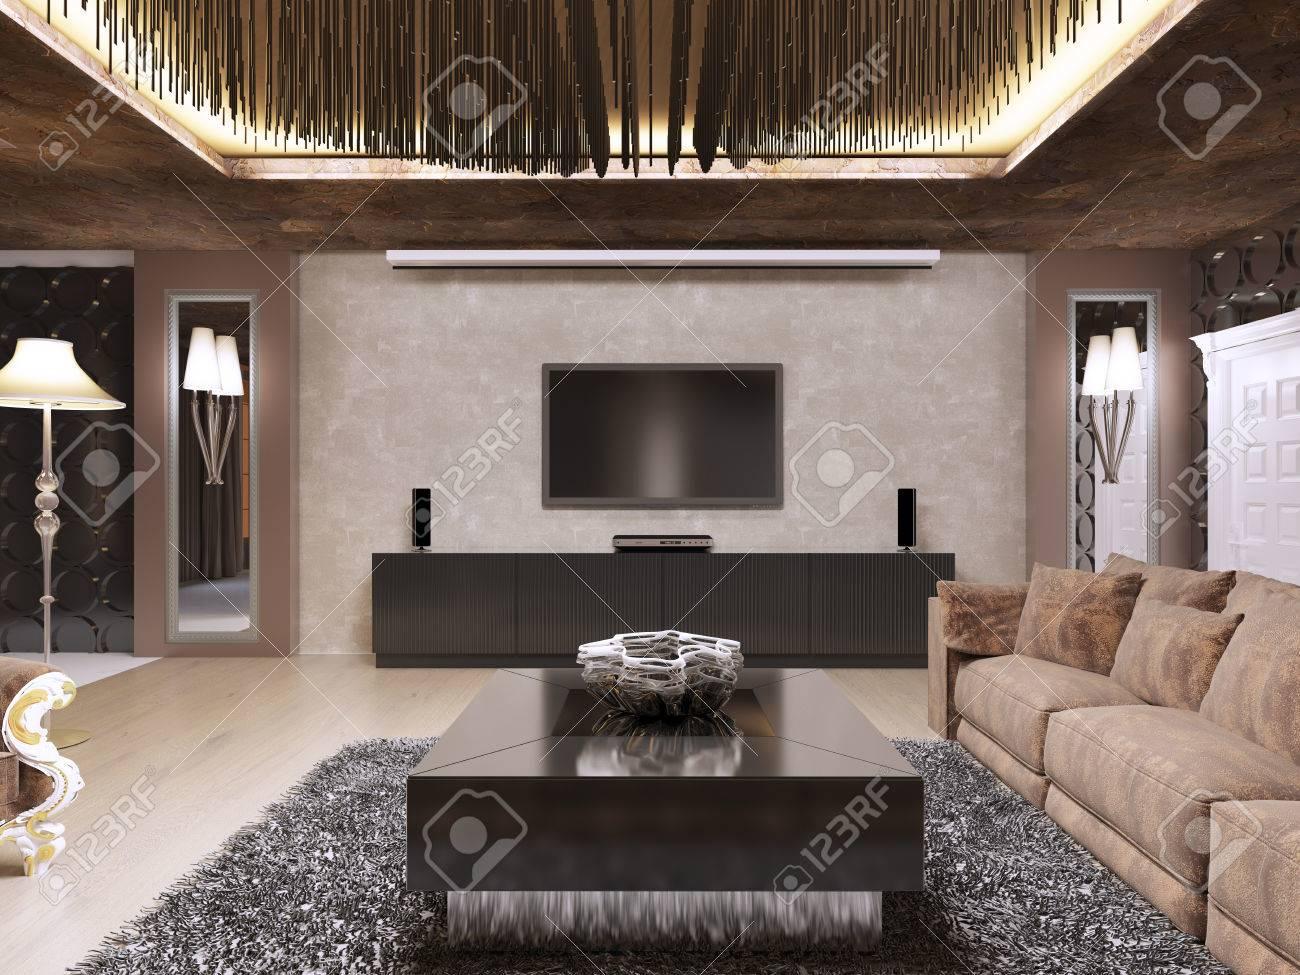 Meuble Tv Living Salon meuble tv dans le luxe salon conçu dans un style moderne. la conception est  faite dans la couleur brune et jaune. rendu 3d.